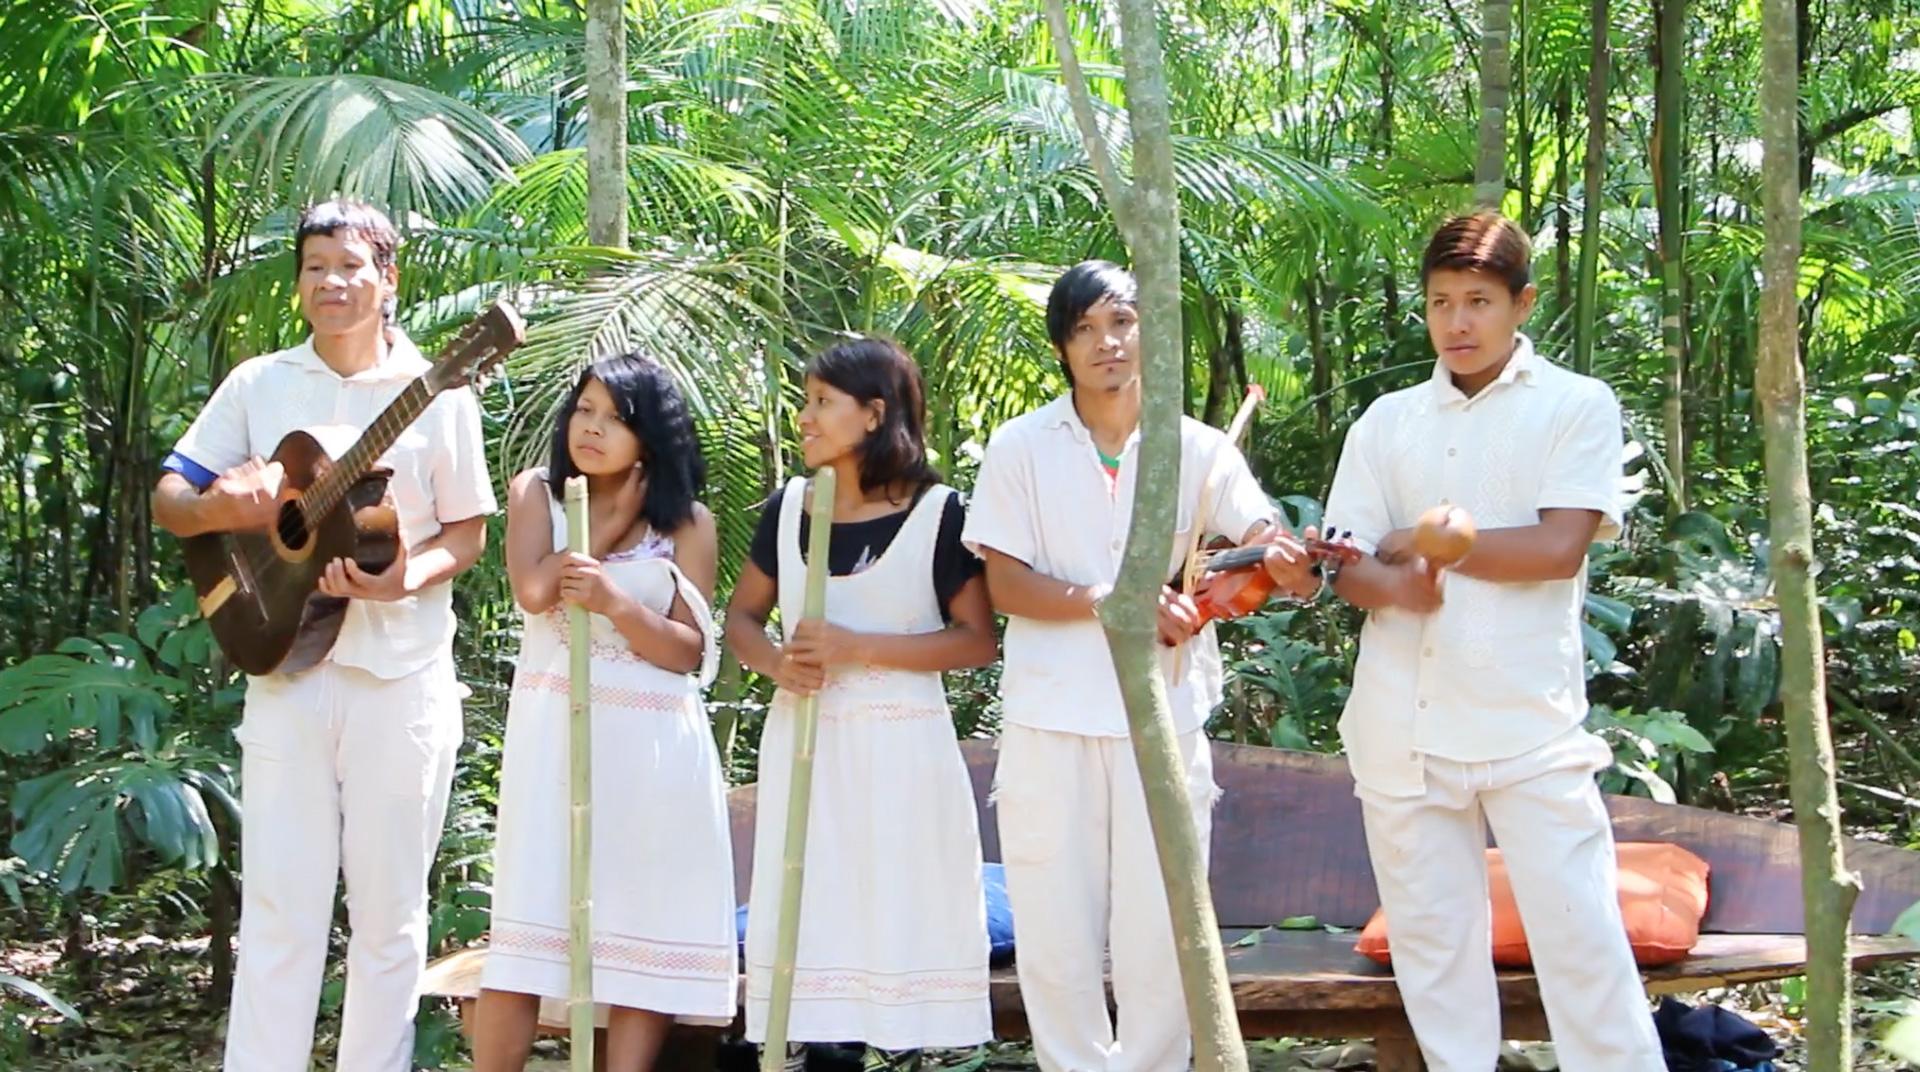 tribal-singers-parque-de-aves